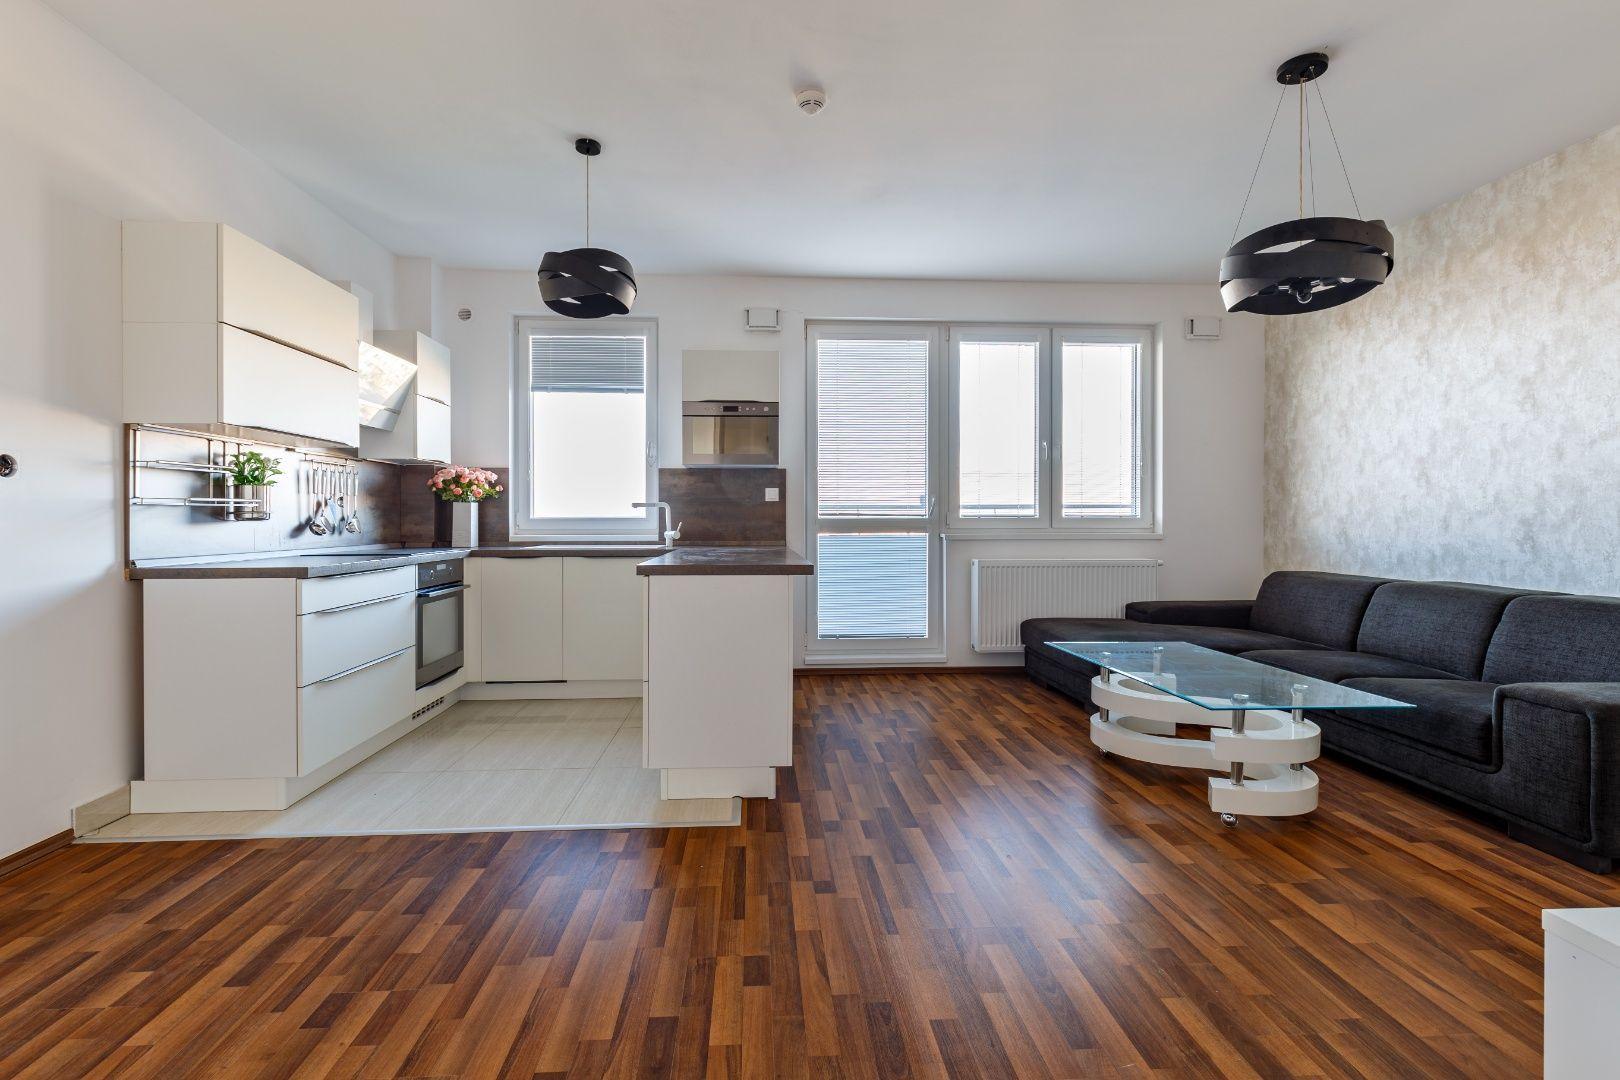 4-izbový byt-Predaj-Bratislava - mestská časť Ružinov-295000.00 €